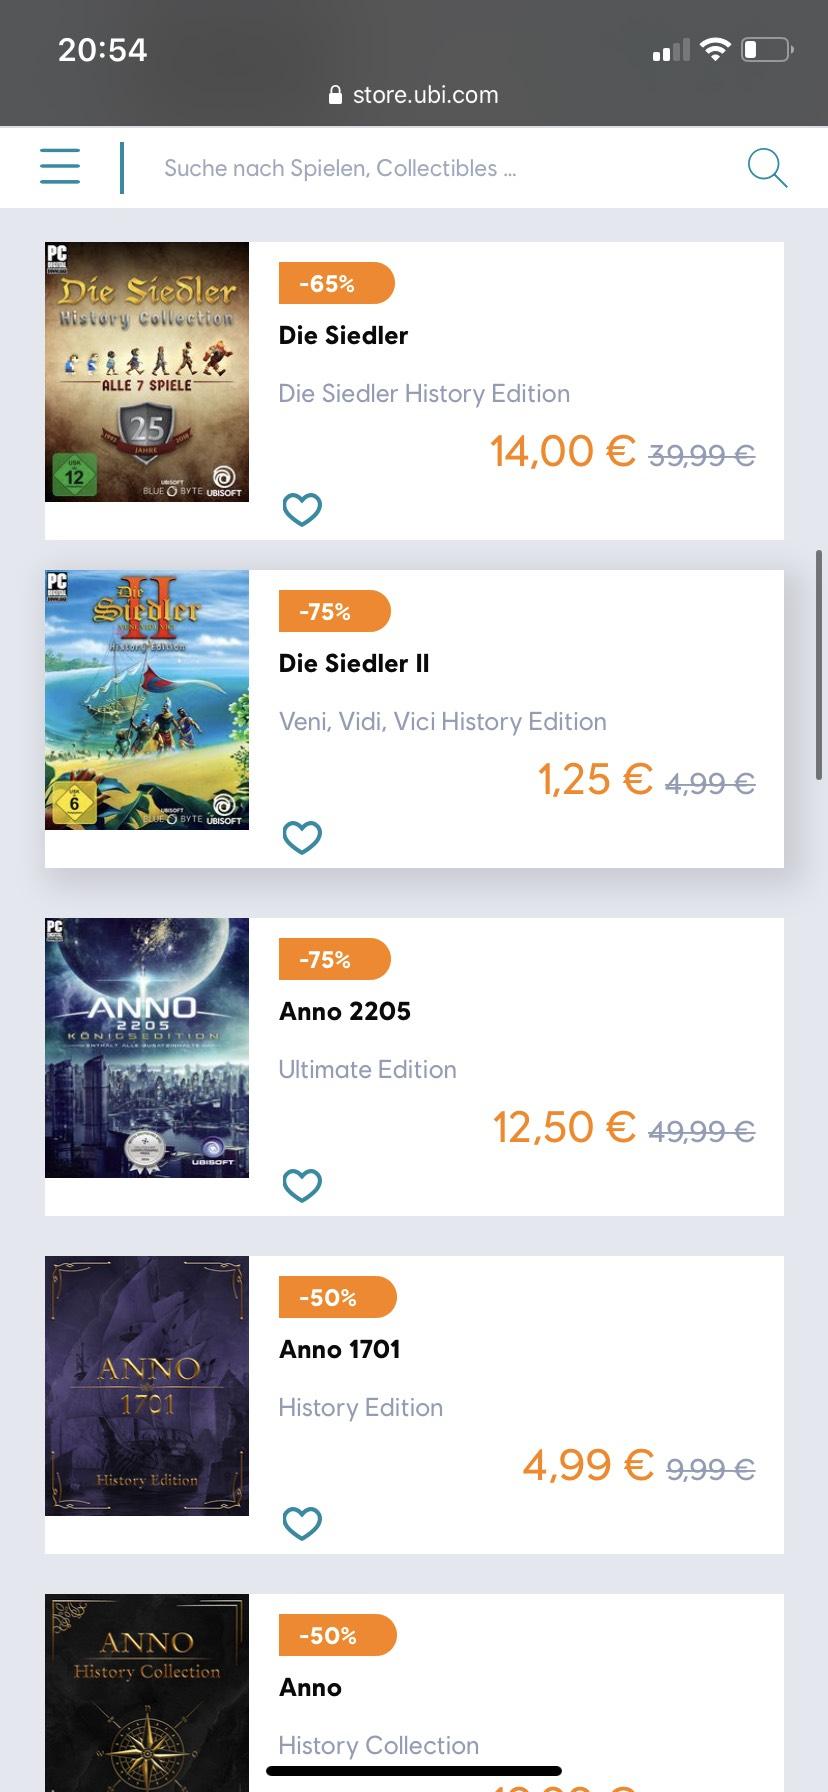 Sammeldeal Ubisoft Store Siedler II 1,25€; Collectors Edition 14€ und diverse Anno Editionen